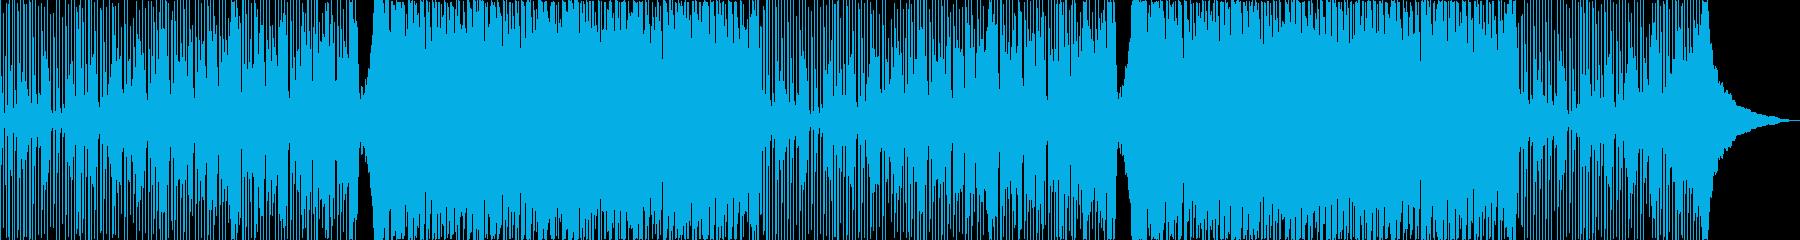 明るく楽しい爽やかなアコギパーティー曲の再生済みの波形